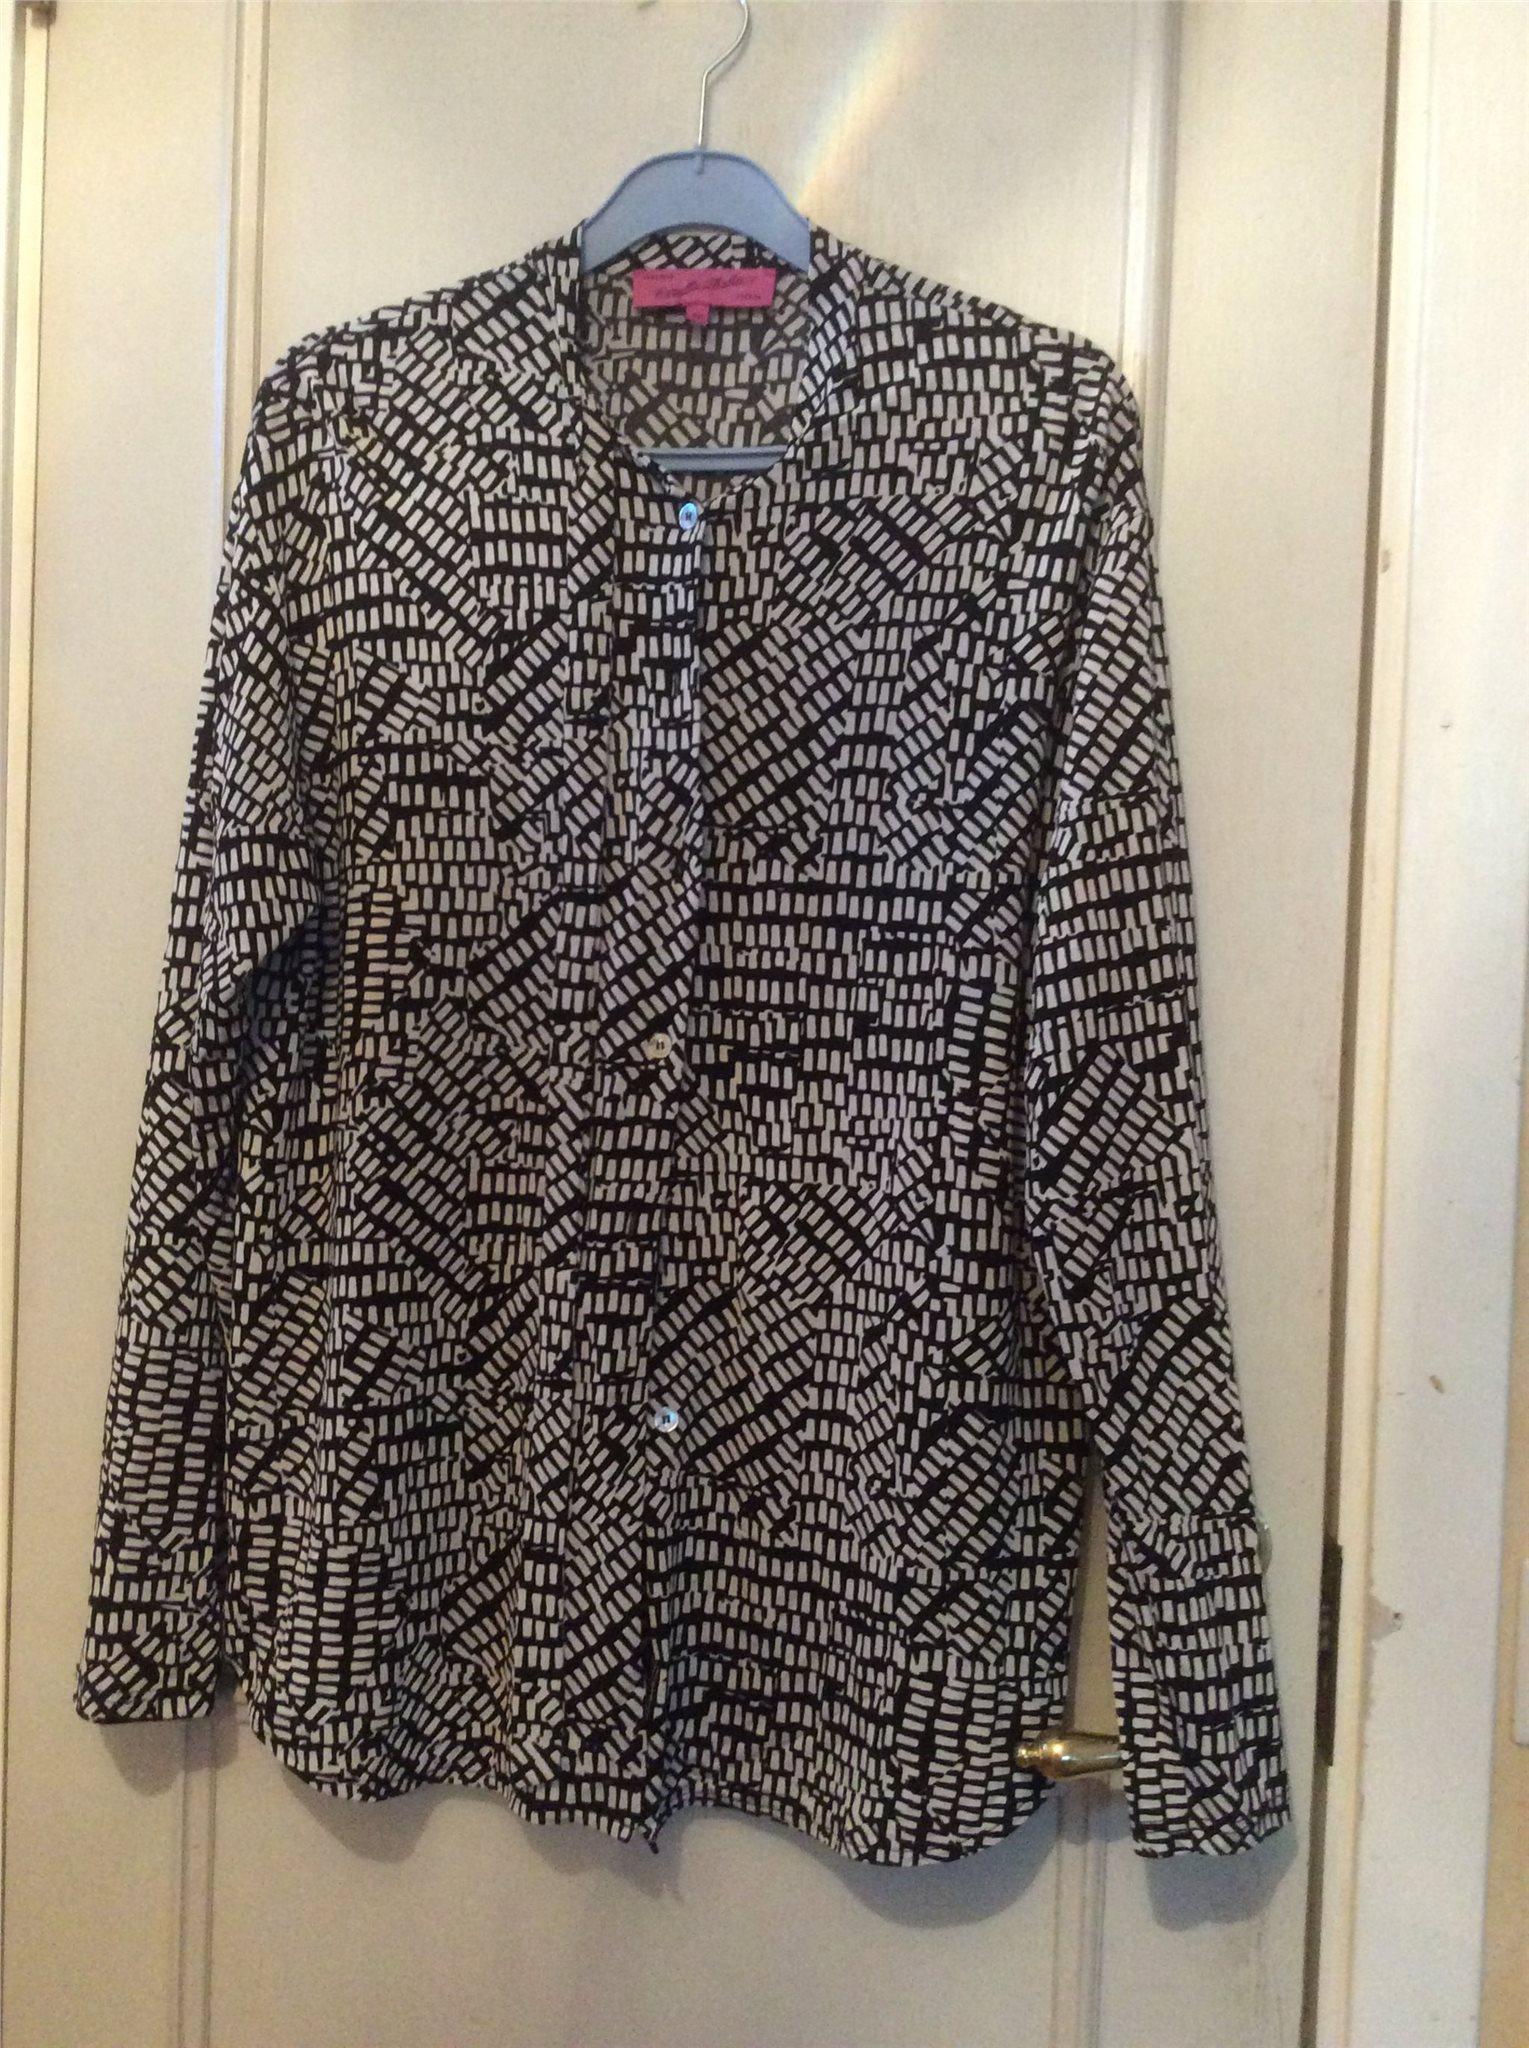 9c4733041425 Svart och vit mönstrad skjorta (344195126) ᐈ Köp på Tradera